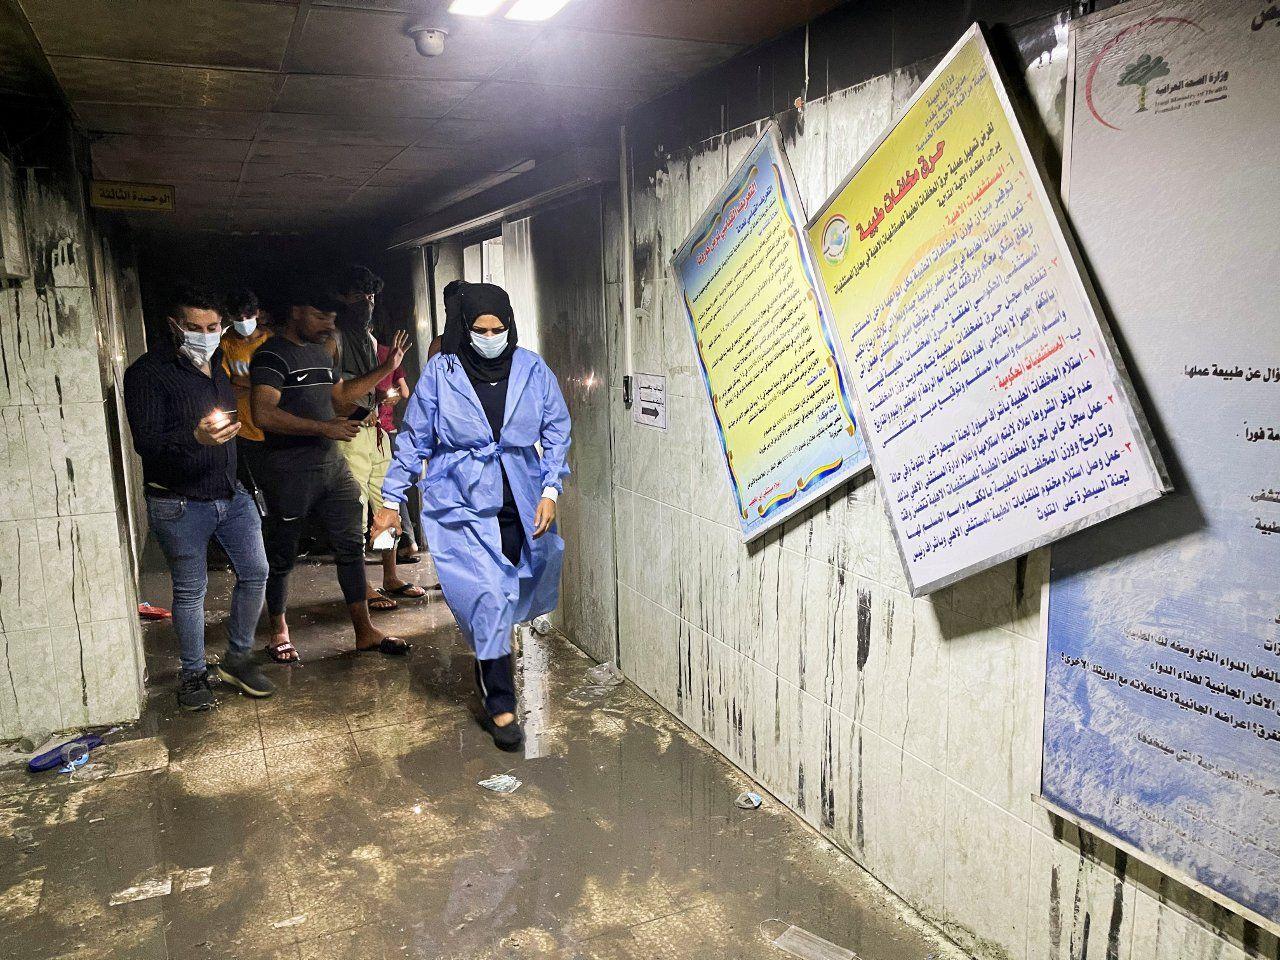 Bağdat'taki hastane yangınında ölü sayısı 82'ye yükseldi, görgü tanığı 'Herkes atlıyordu' dedi - Sayfa 2